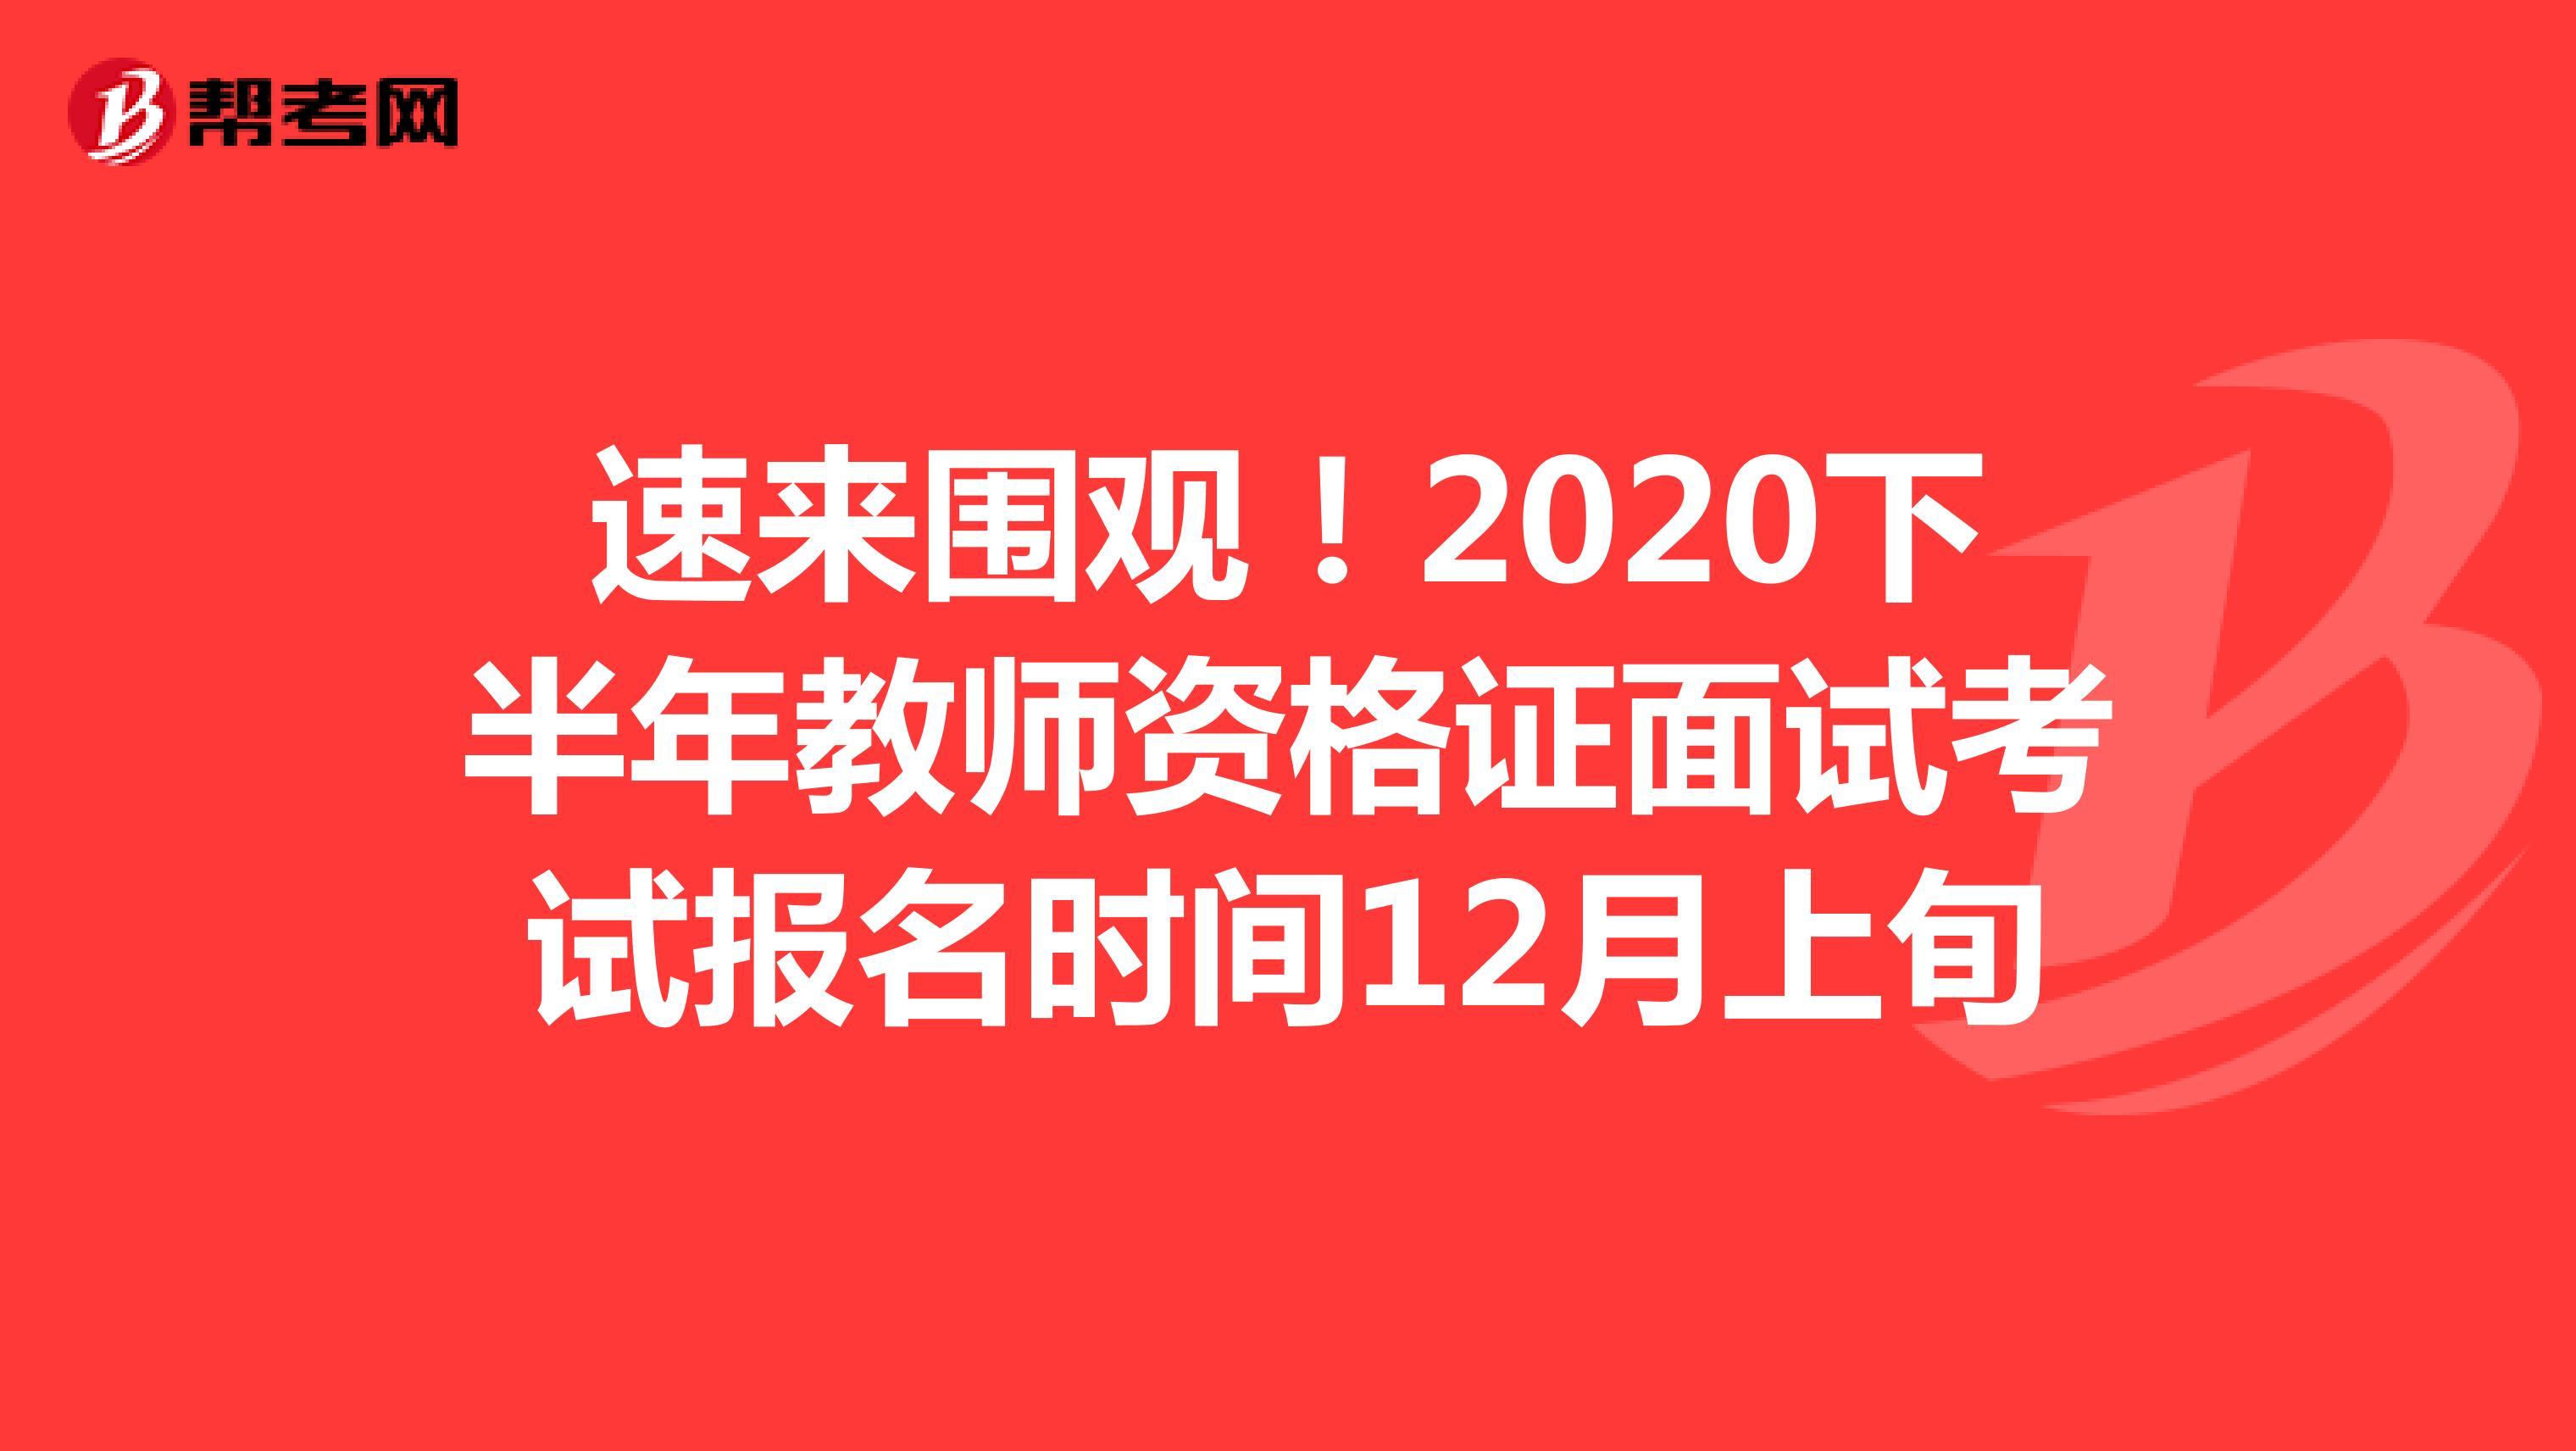 速來圍觀!2020下半年教師資格證面試考試報名時間12月上旬